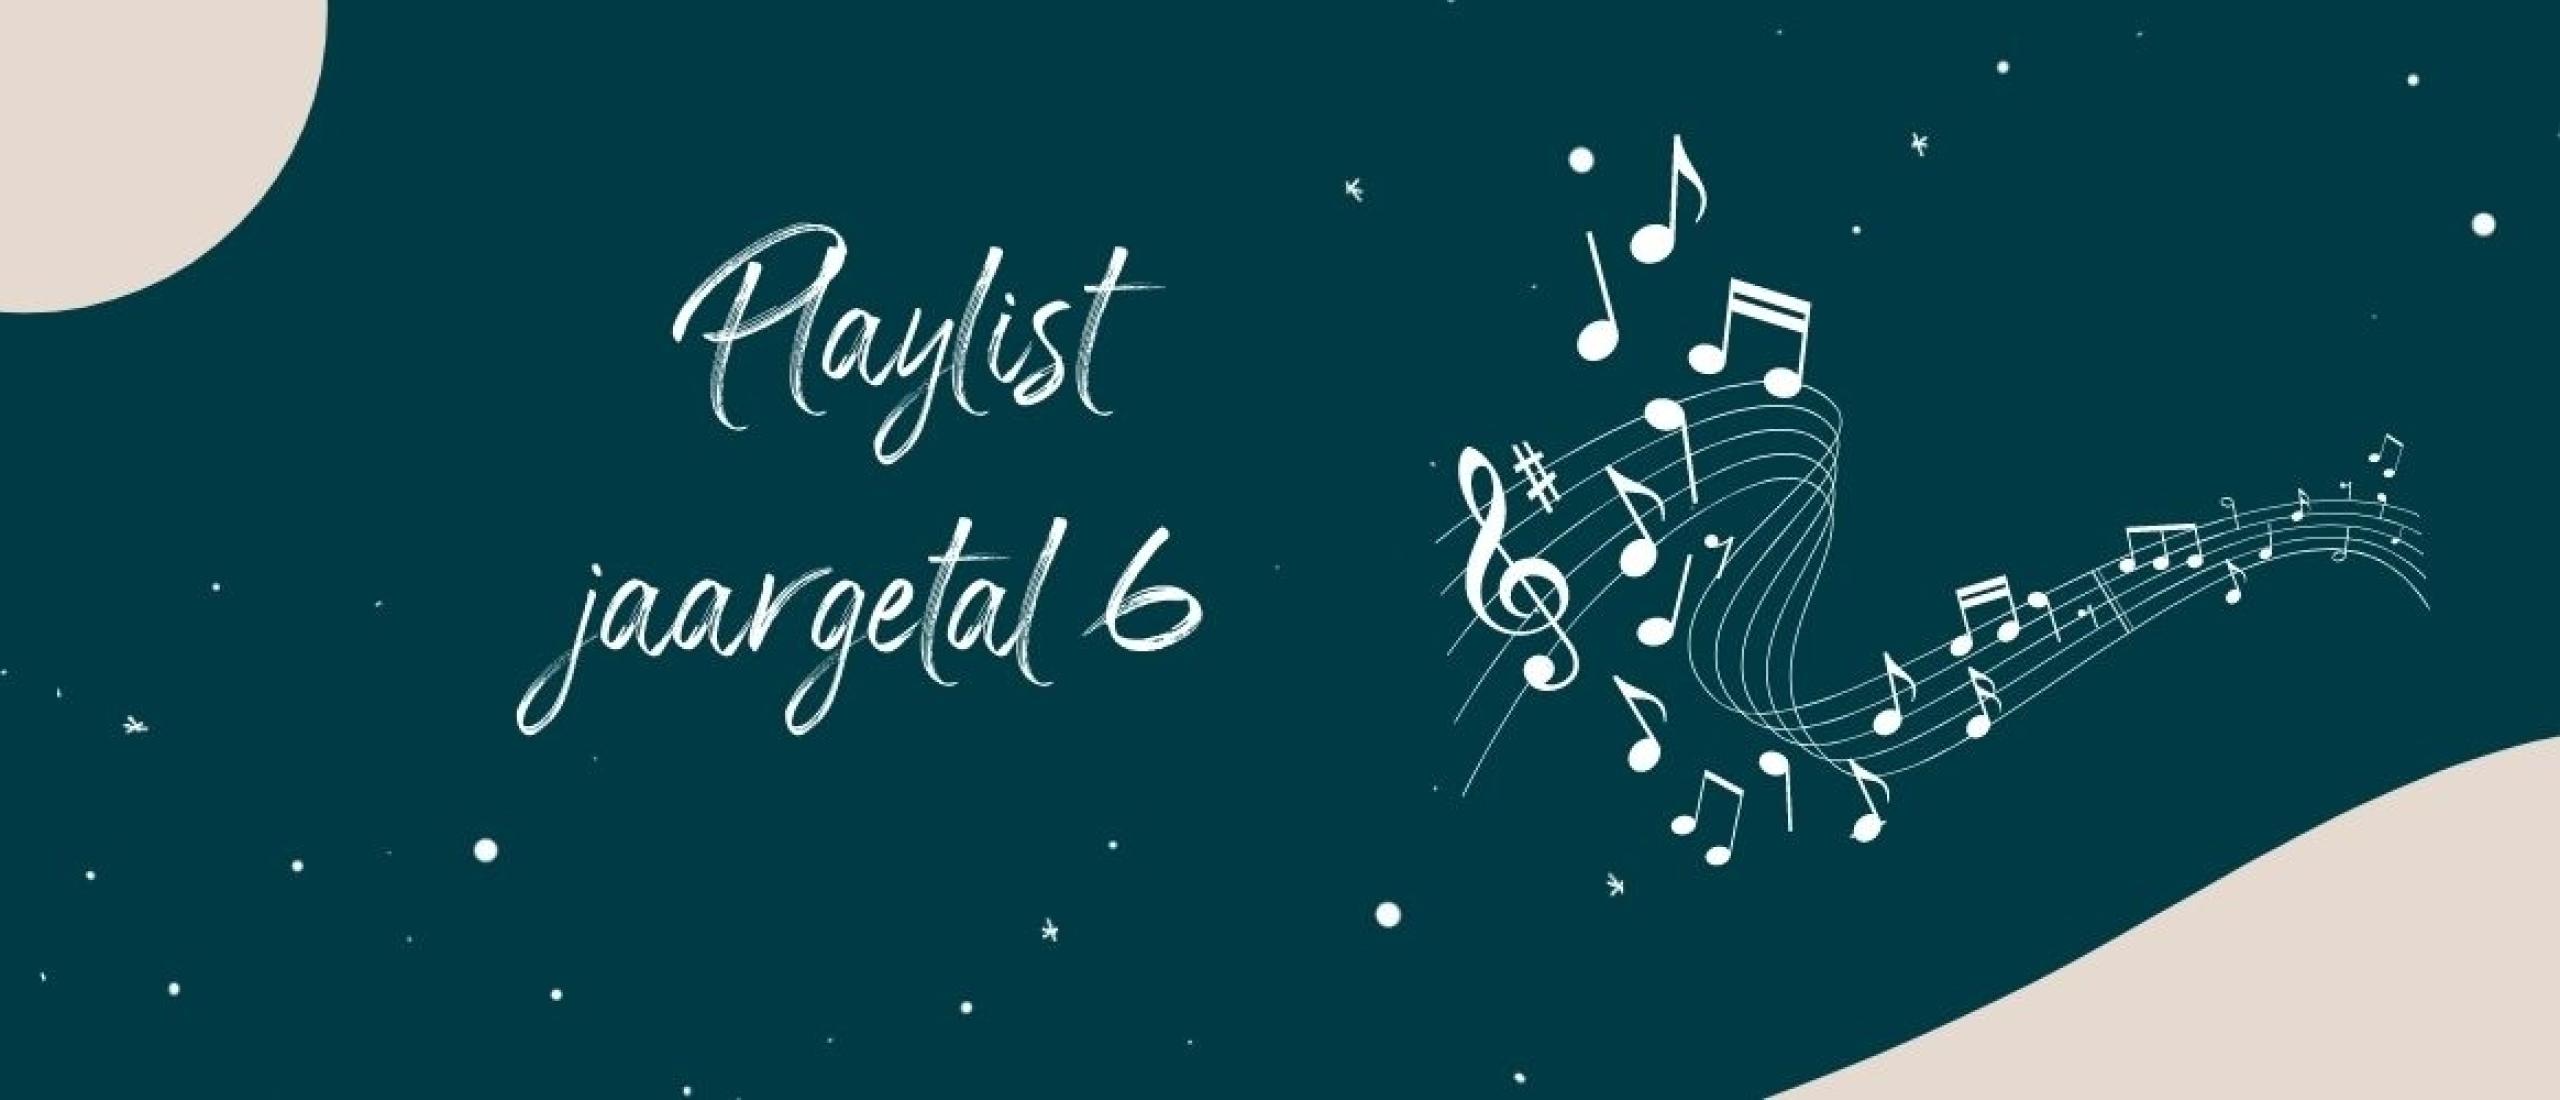 Playlist voor jaargetal 6